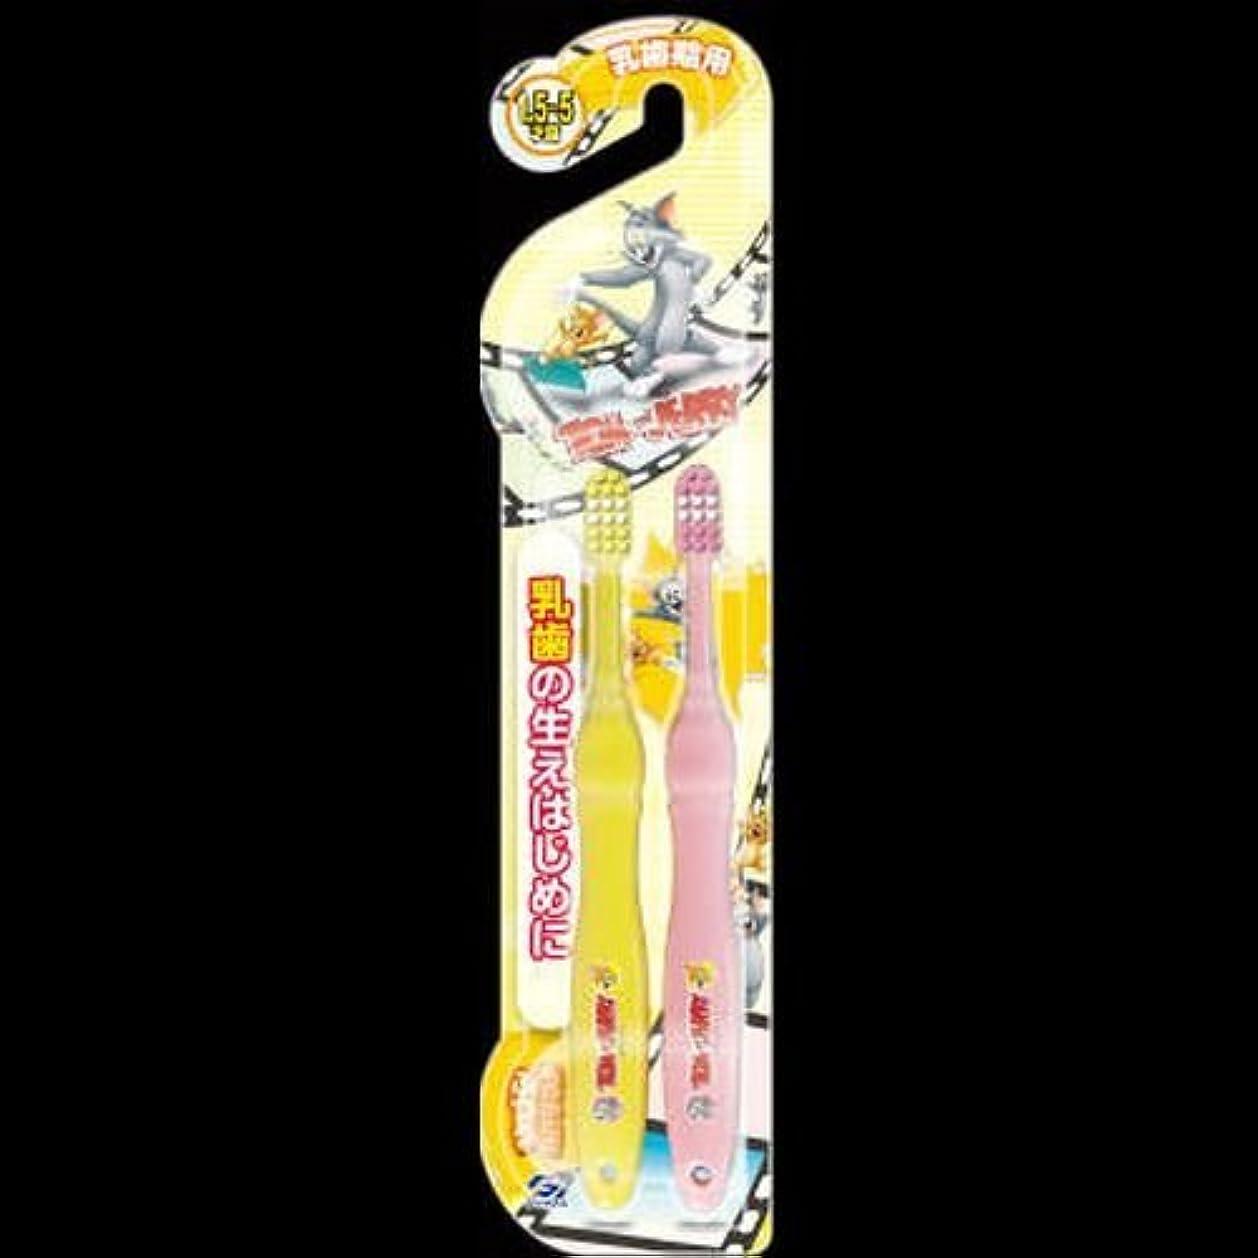 傾向がある階段に向けて出発トム&ジェリーハブラシ 乳歯期用(1.5-5才) 2本組 ×2セット